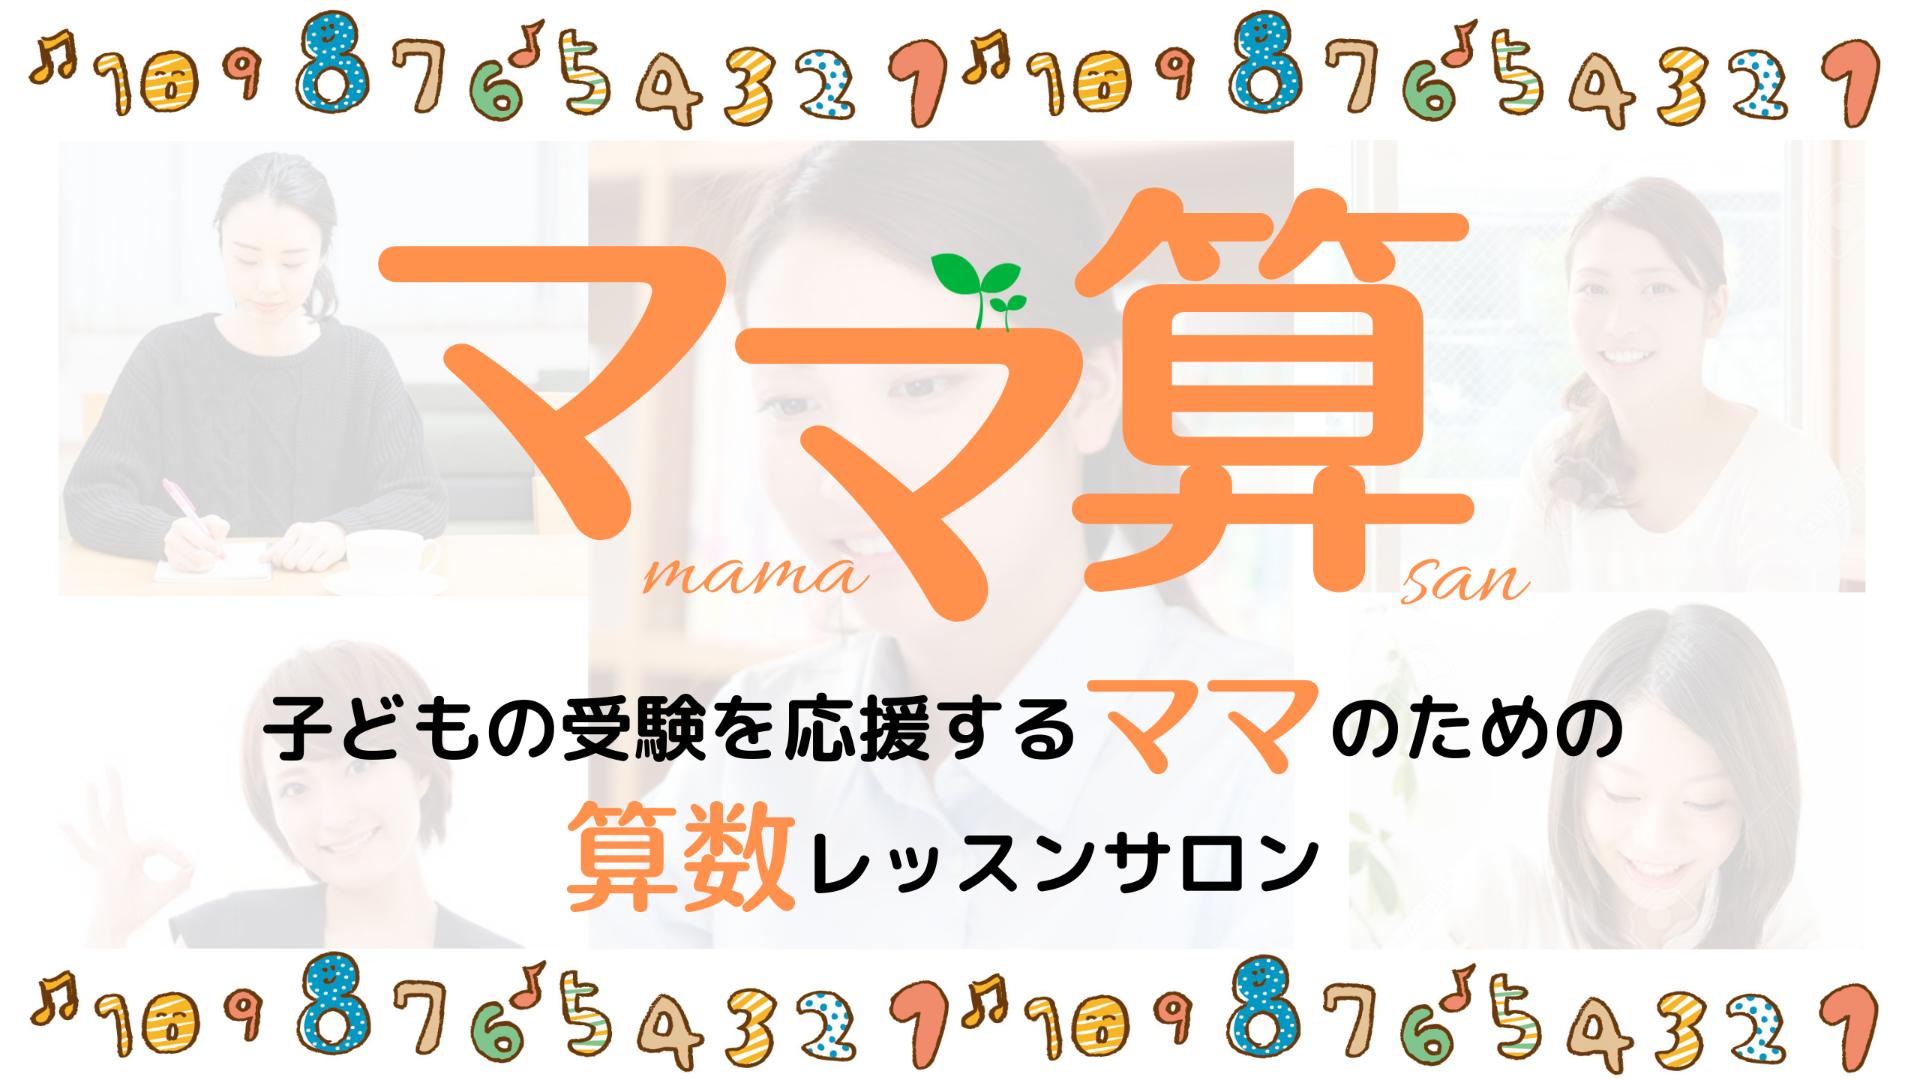 ママ算~子どもの受験を応援するママのための算数レッスンサロン~